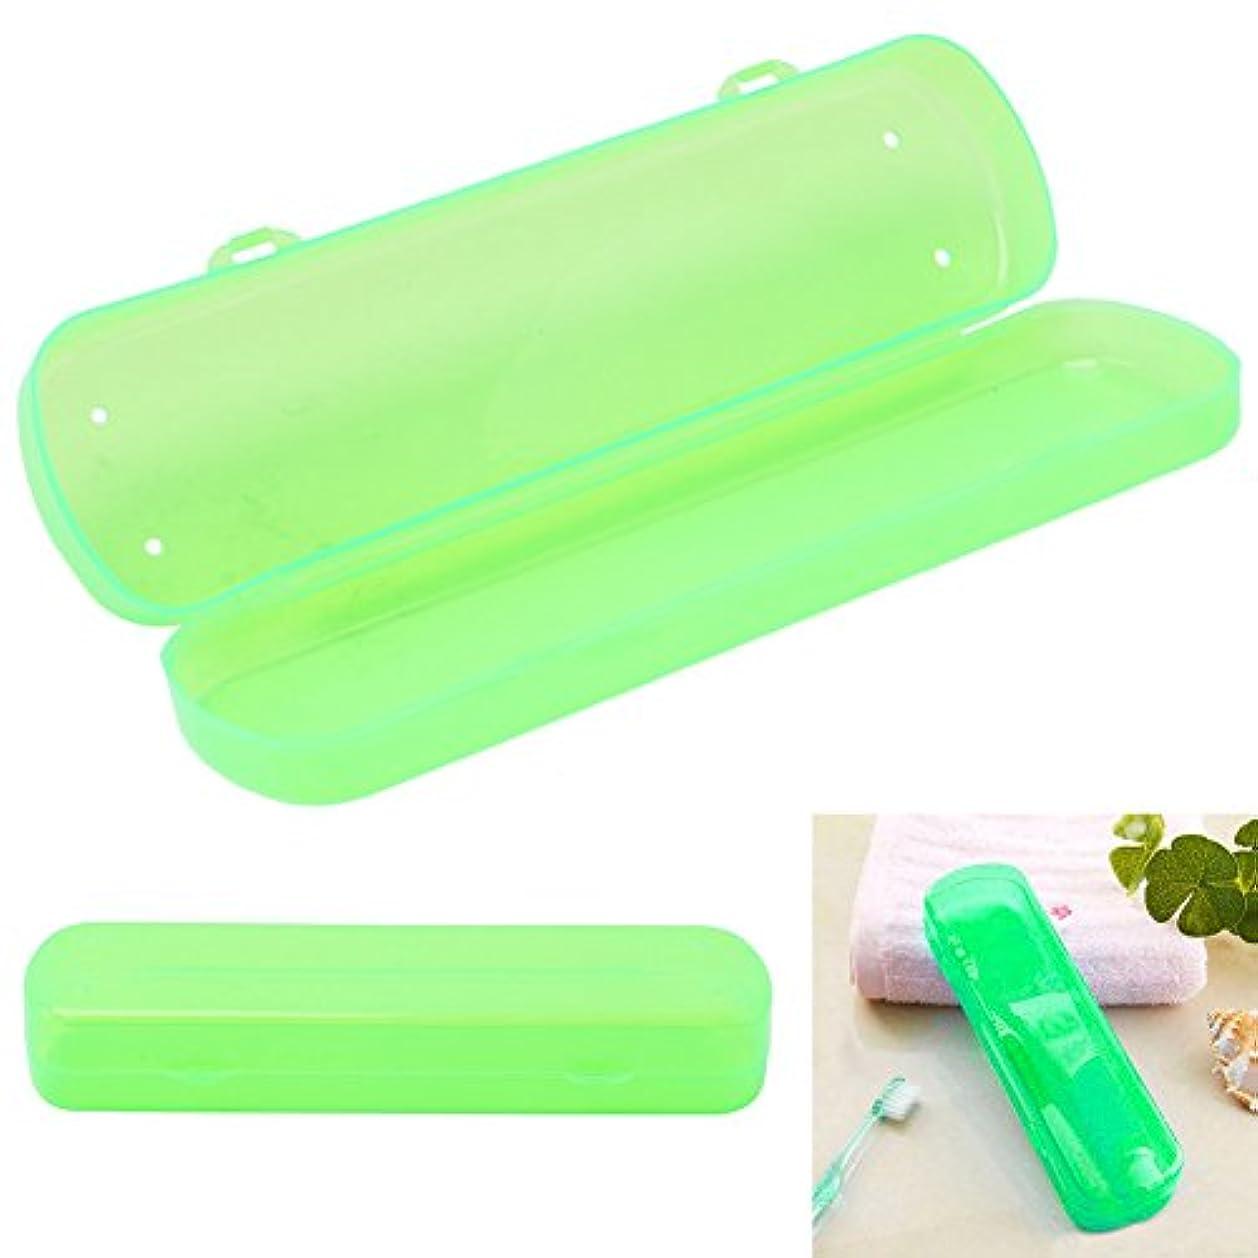 鉱石副撤退Merssavo プラスチック製歯ブラシケース/旅行用ホルダー(グリーン)